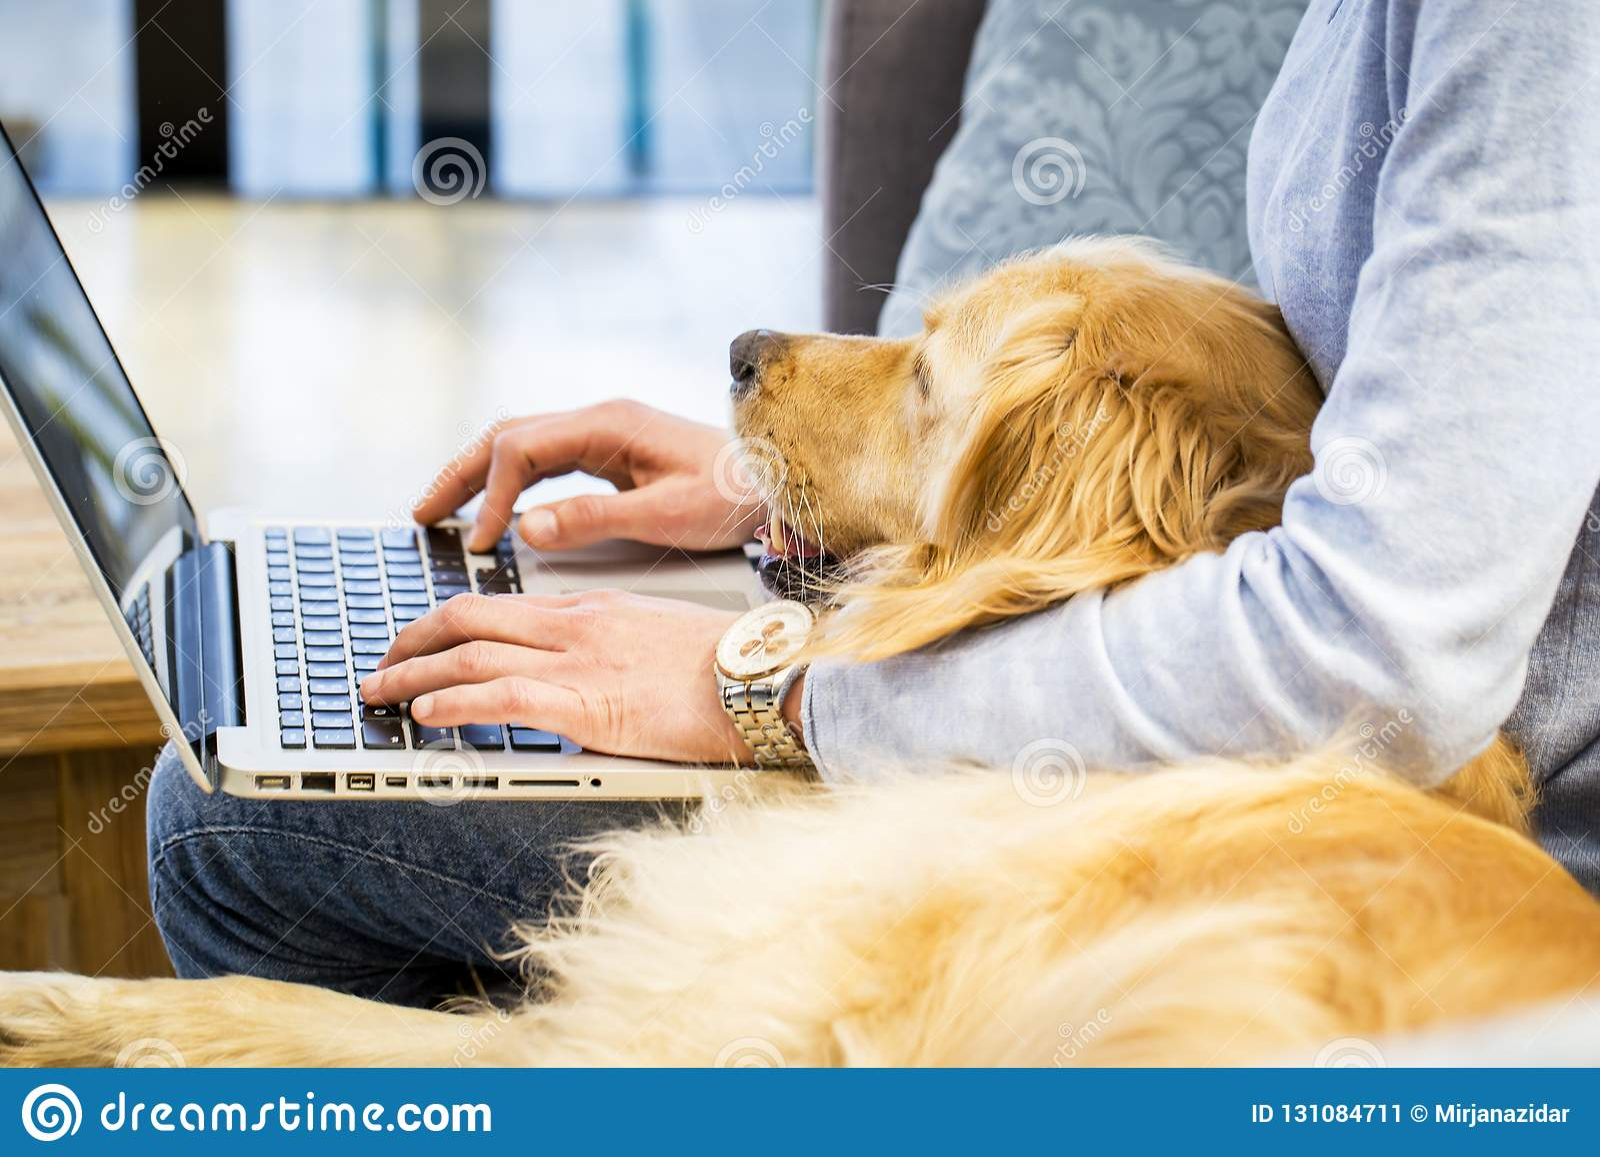 Animale domestico che risiede nel rivestimento del proprietario che sta scrivendo sul computer portatile